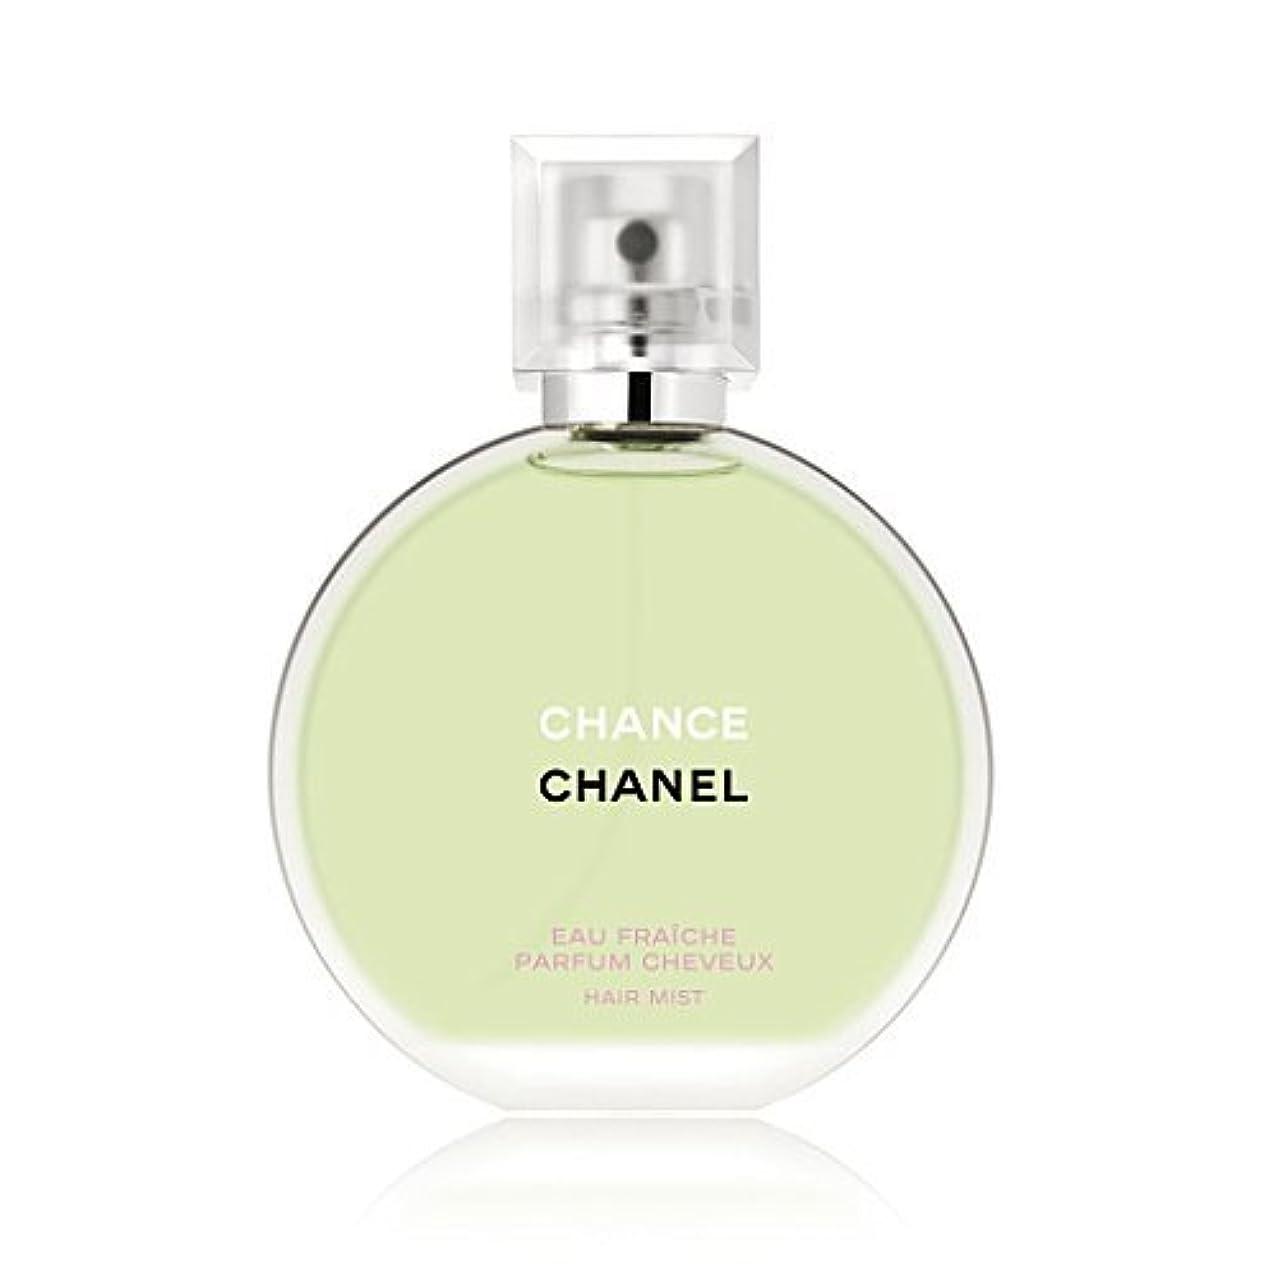 シャネル(CHANEL) チャンス オー フレッシュ ヘア ミスト 35ml[並行輸入品]